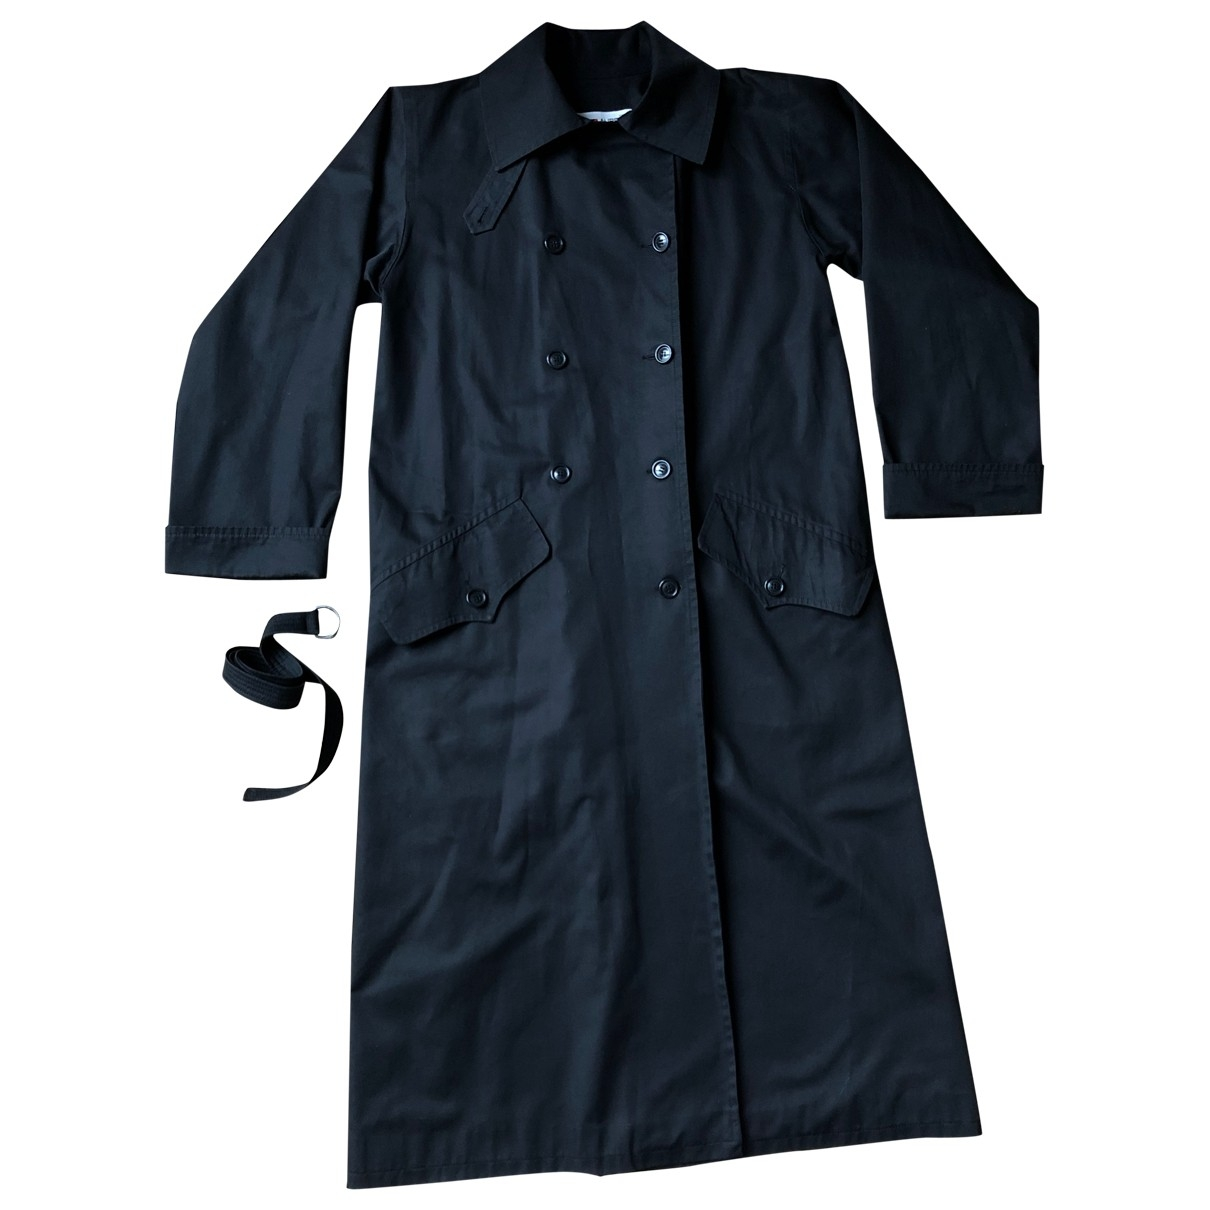 Yves Saint Laurent - Manteau   pour femme en coton - noir